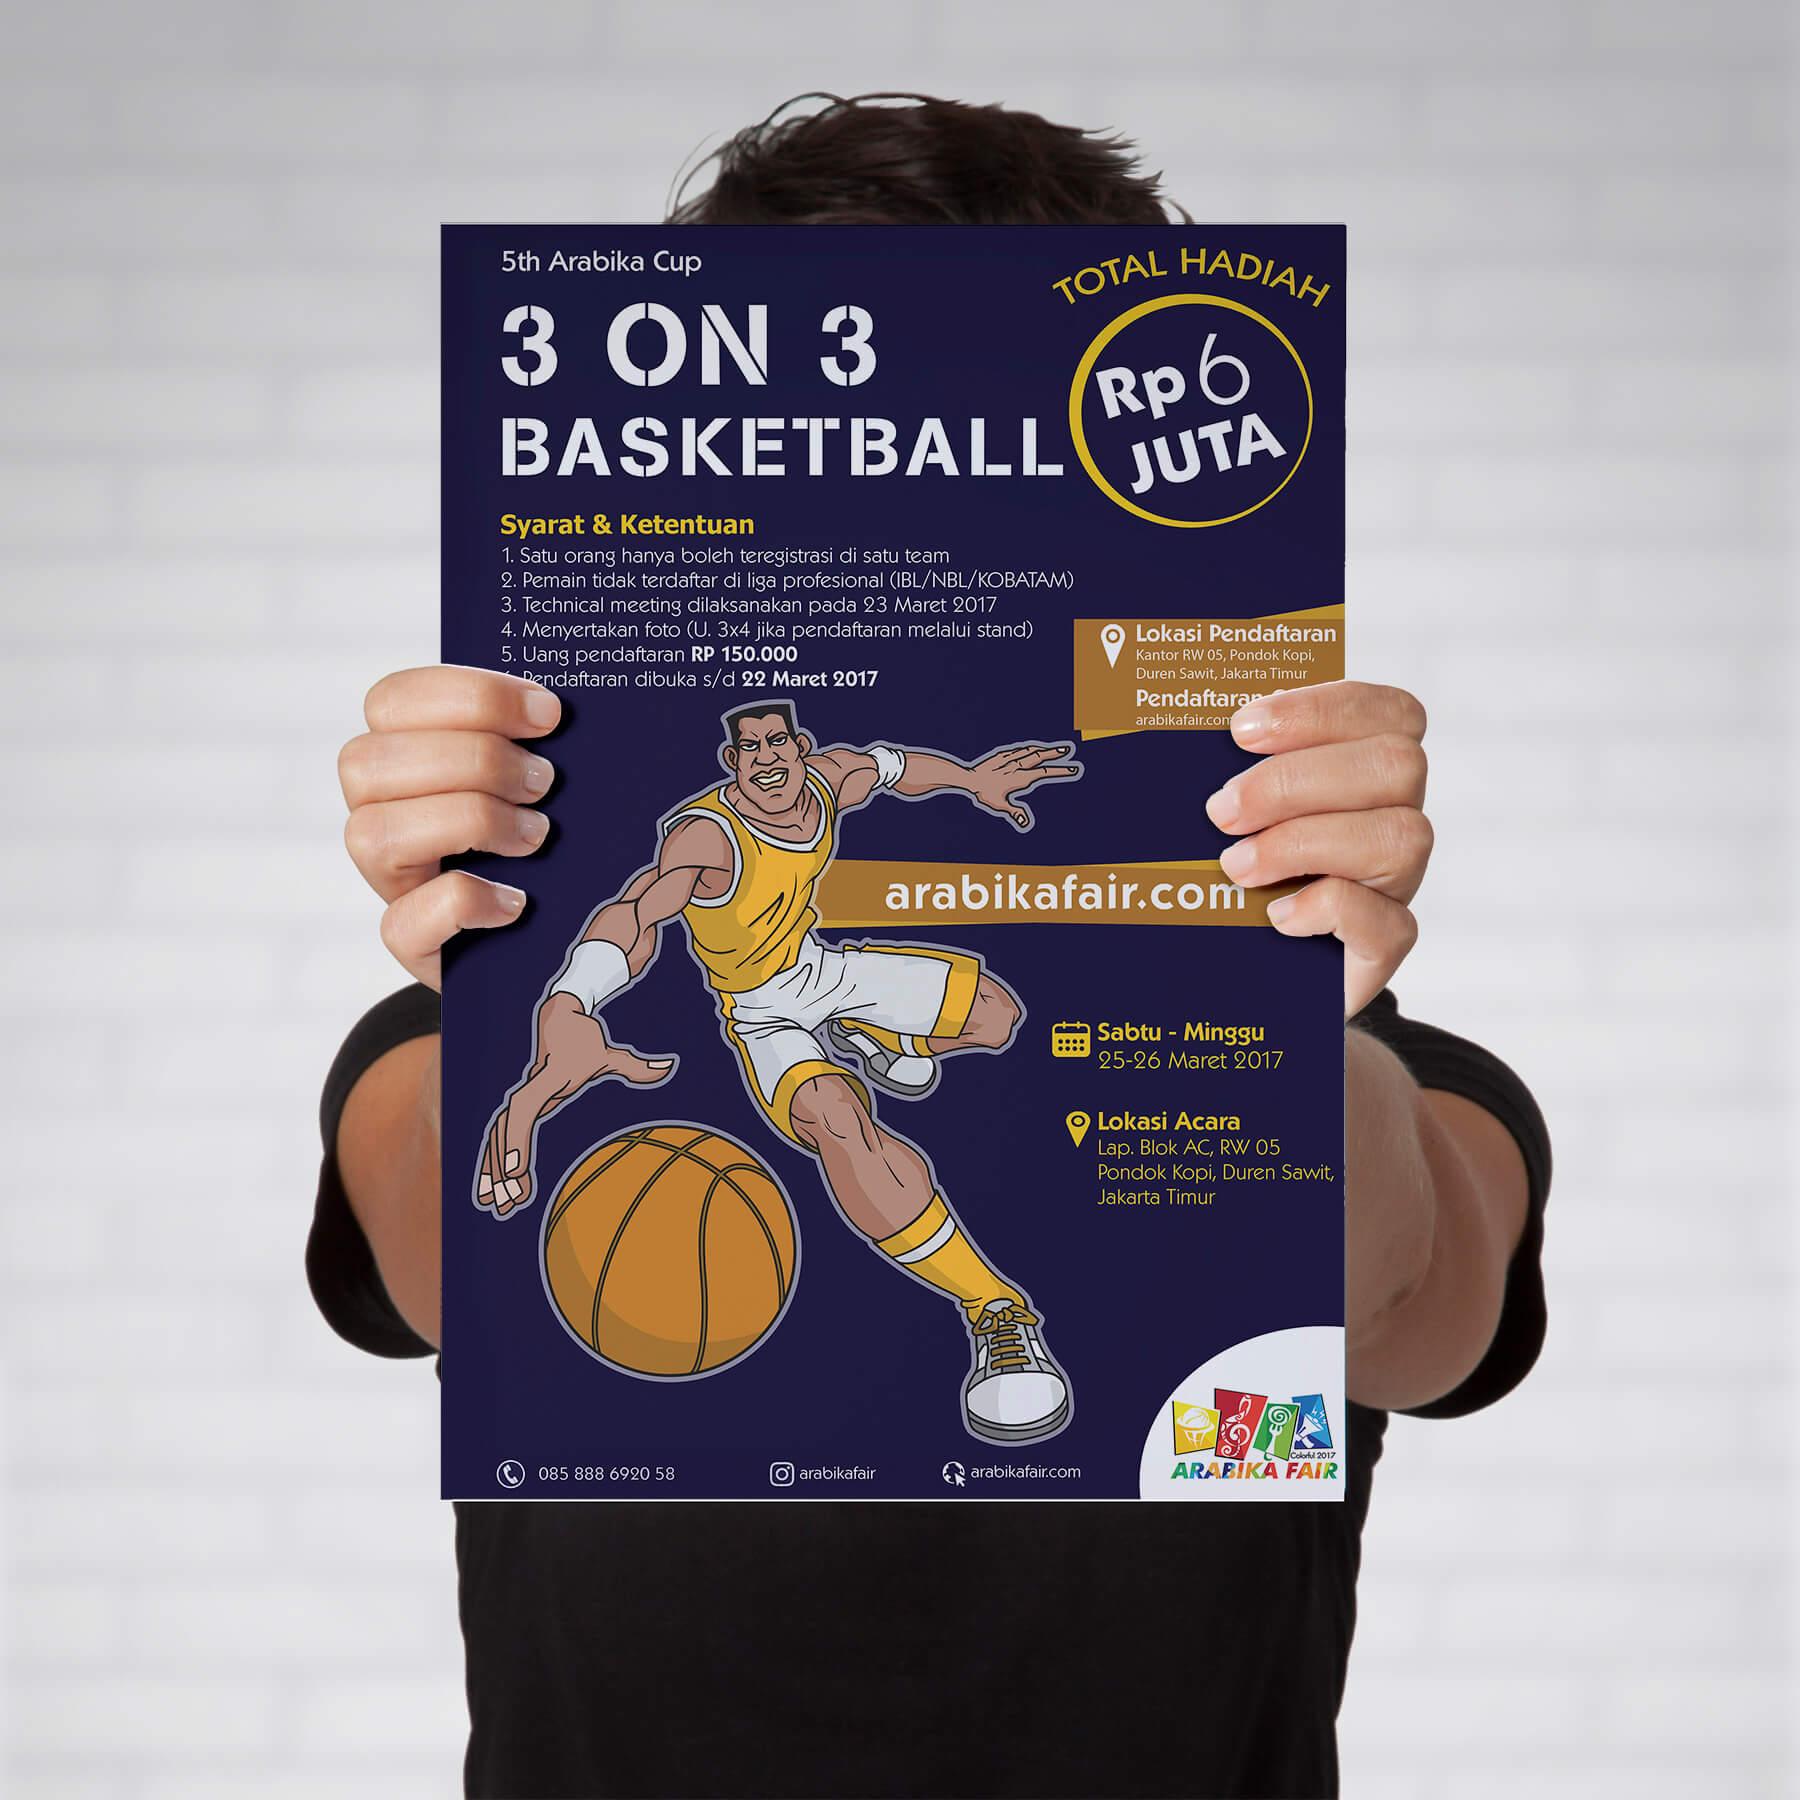 Desain Prita - Arabika Fair - Poster Basket